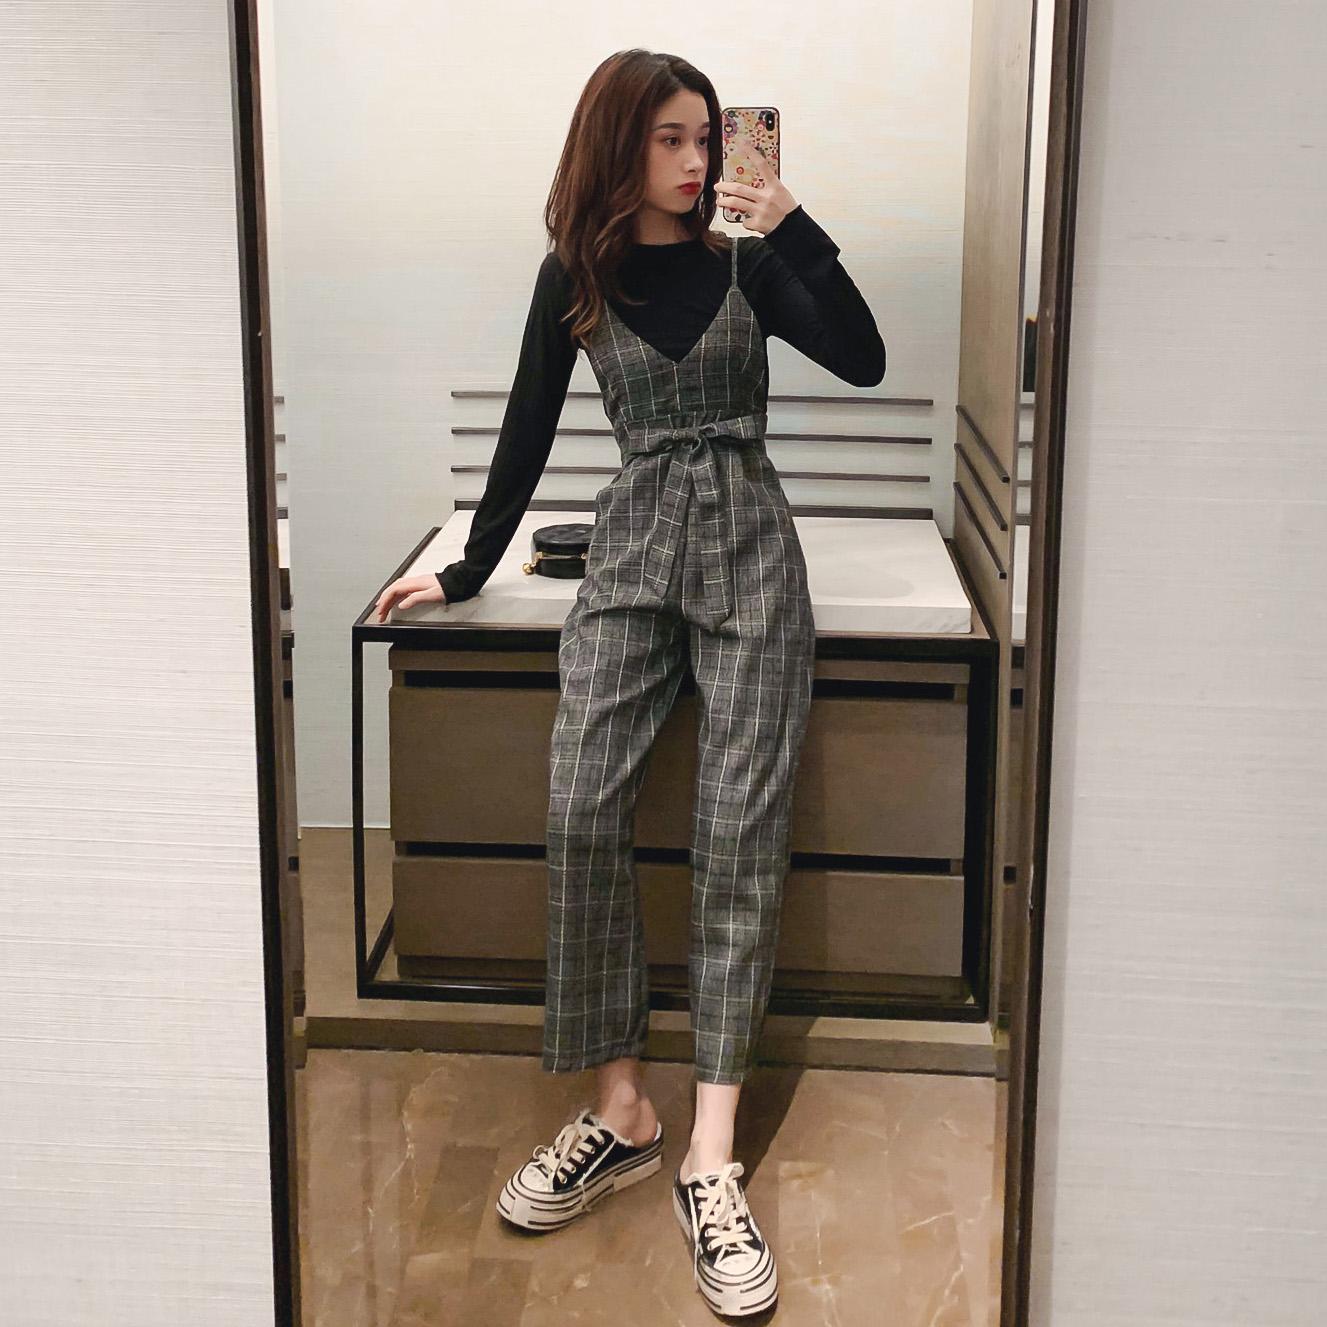 格子背带裤女2019秋季新款显瘦高腰阔腿裤休闲九分裤打底衫两件套